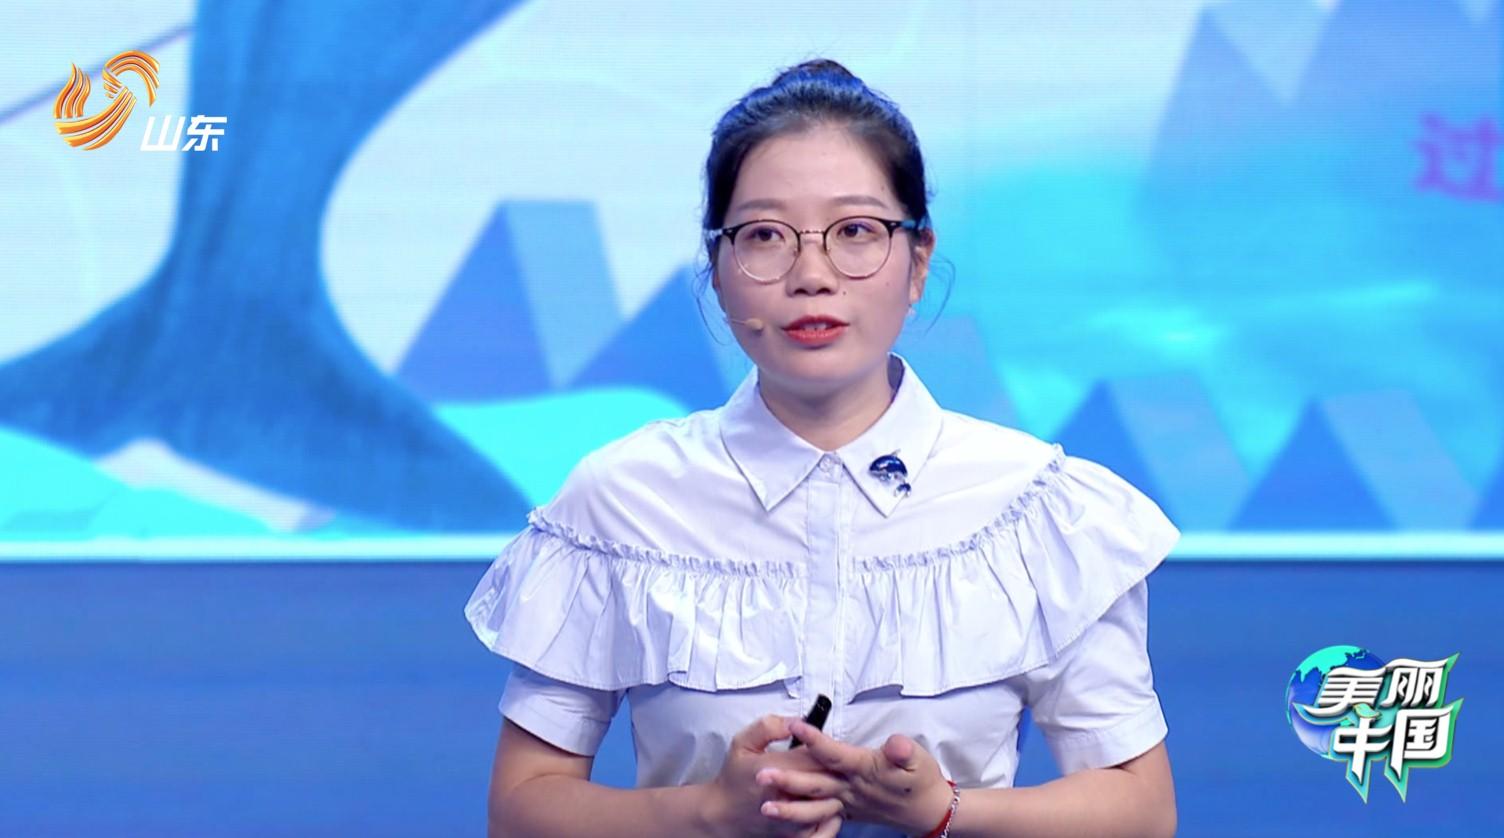 那个与江豚恋爱的女孩 来山东卫视《美丽中国》了